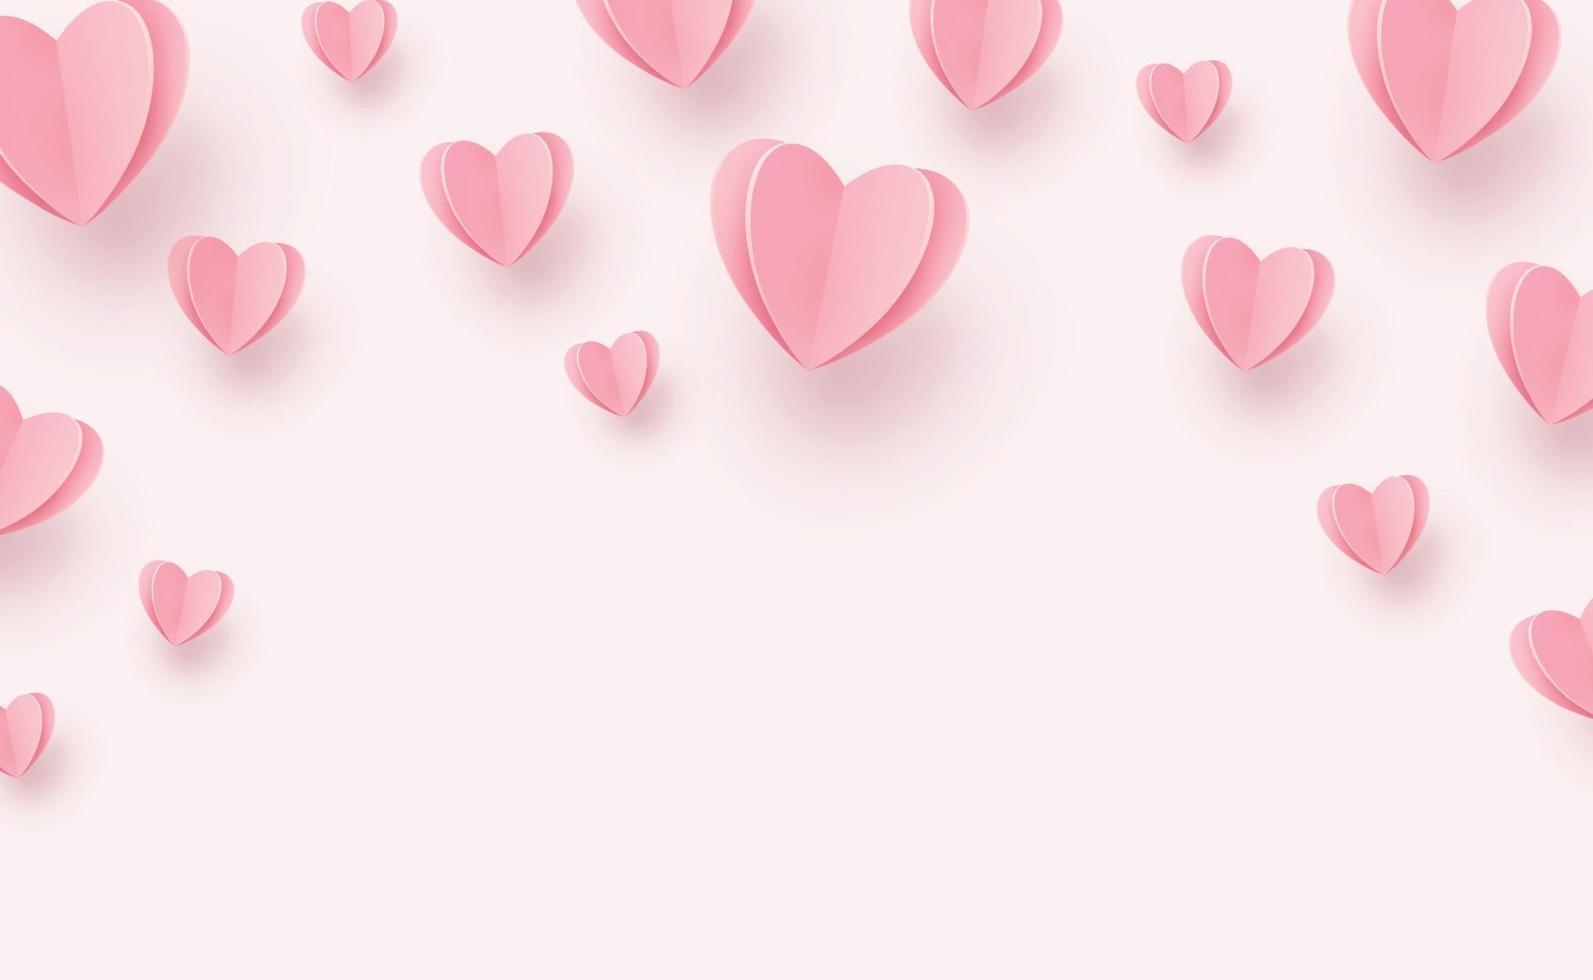 sanfte rosarote Herzen auf einem rosa Hintergrund vektor